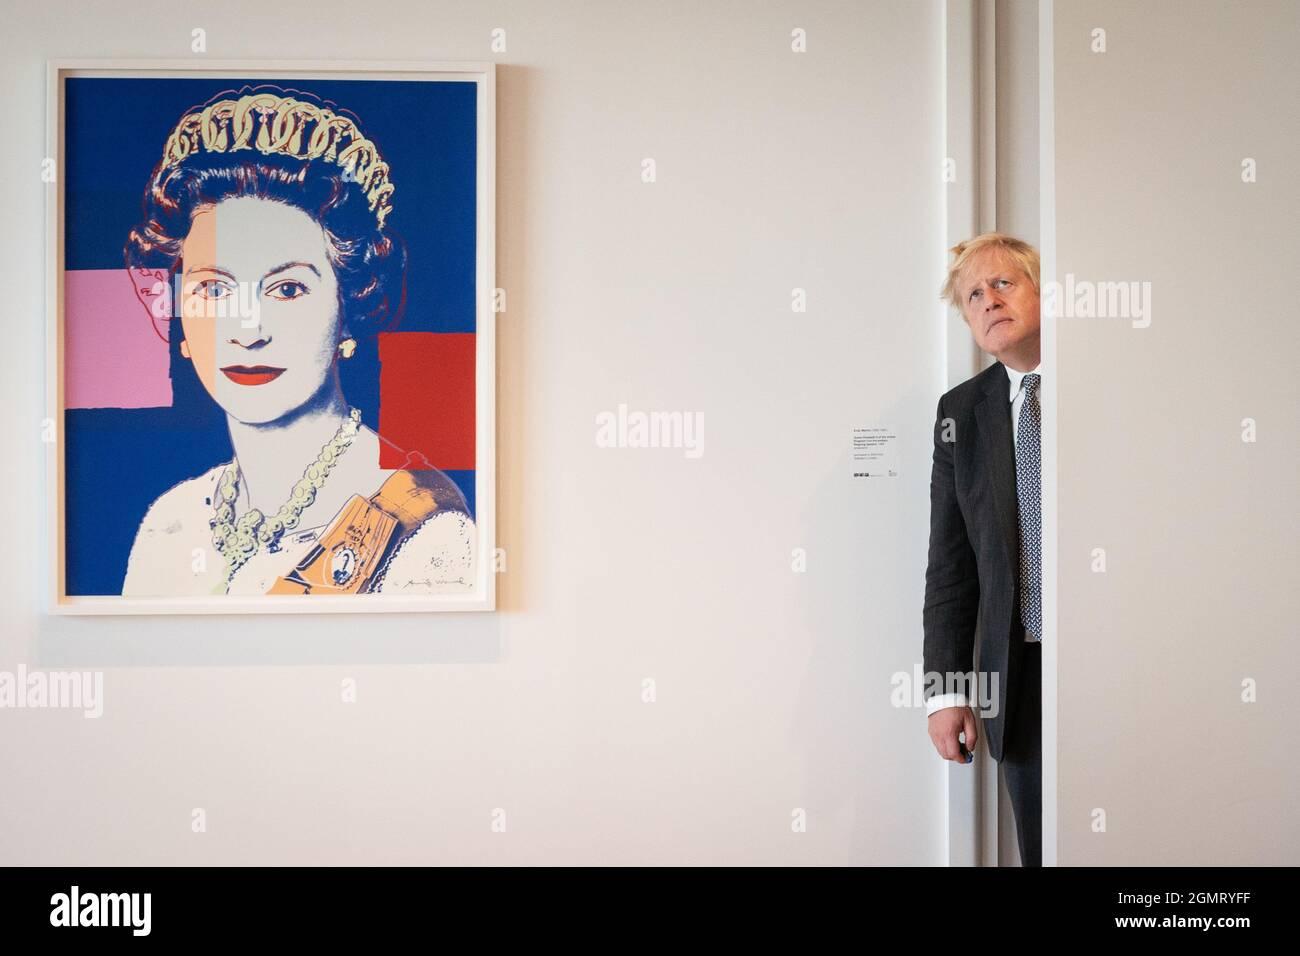 Le Premier ministre Boris Johnson à la Mission du Royaume-Uni auprès des Nations Unies à New York avant de rencontrer le président exécutif d'Amazon, Jeff Bezos, lors de l'Assemblée générale des Nations Unies. Date de la photo: Lundi 20 septembre 2021. Banque D'Images